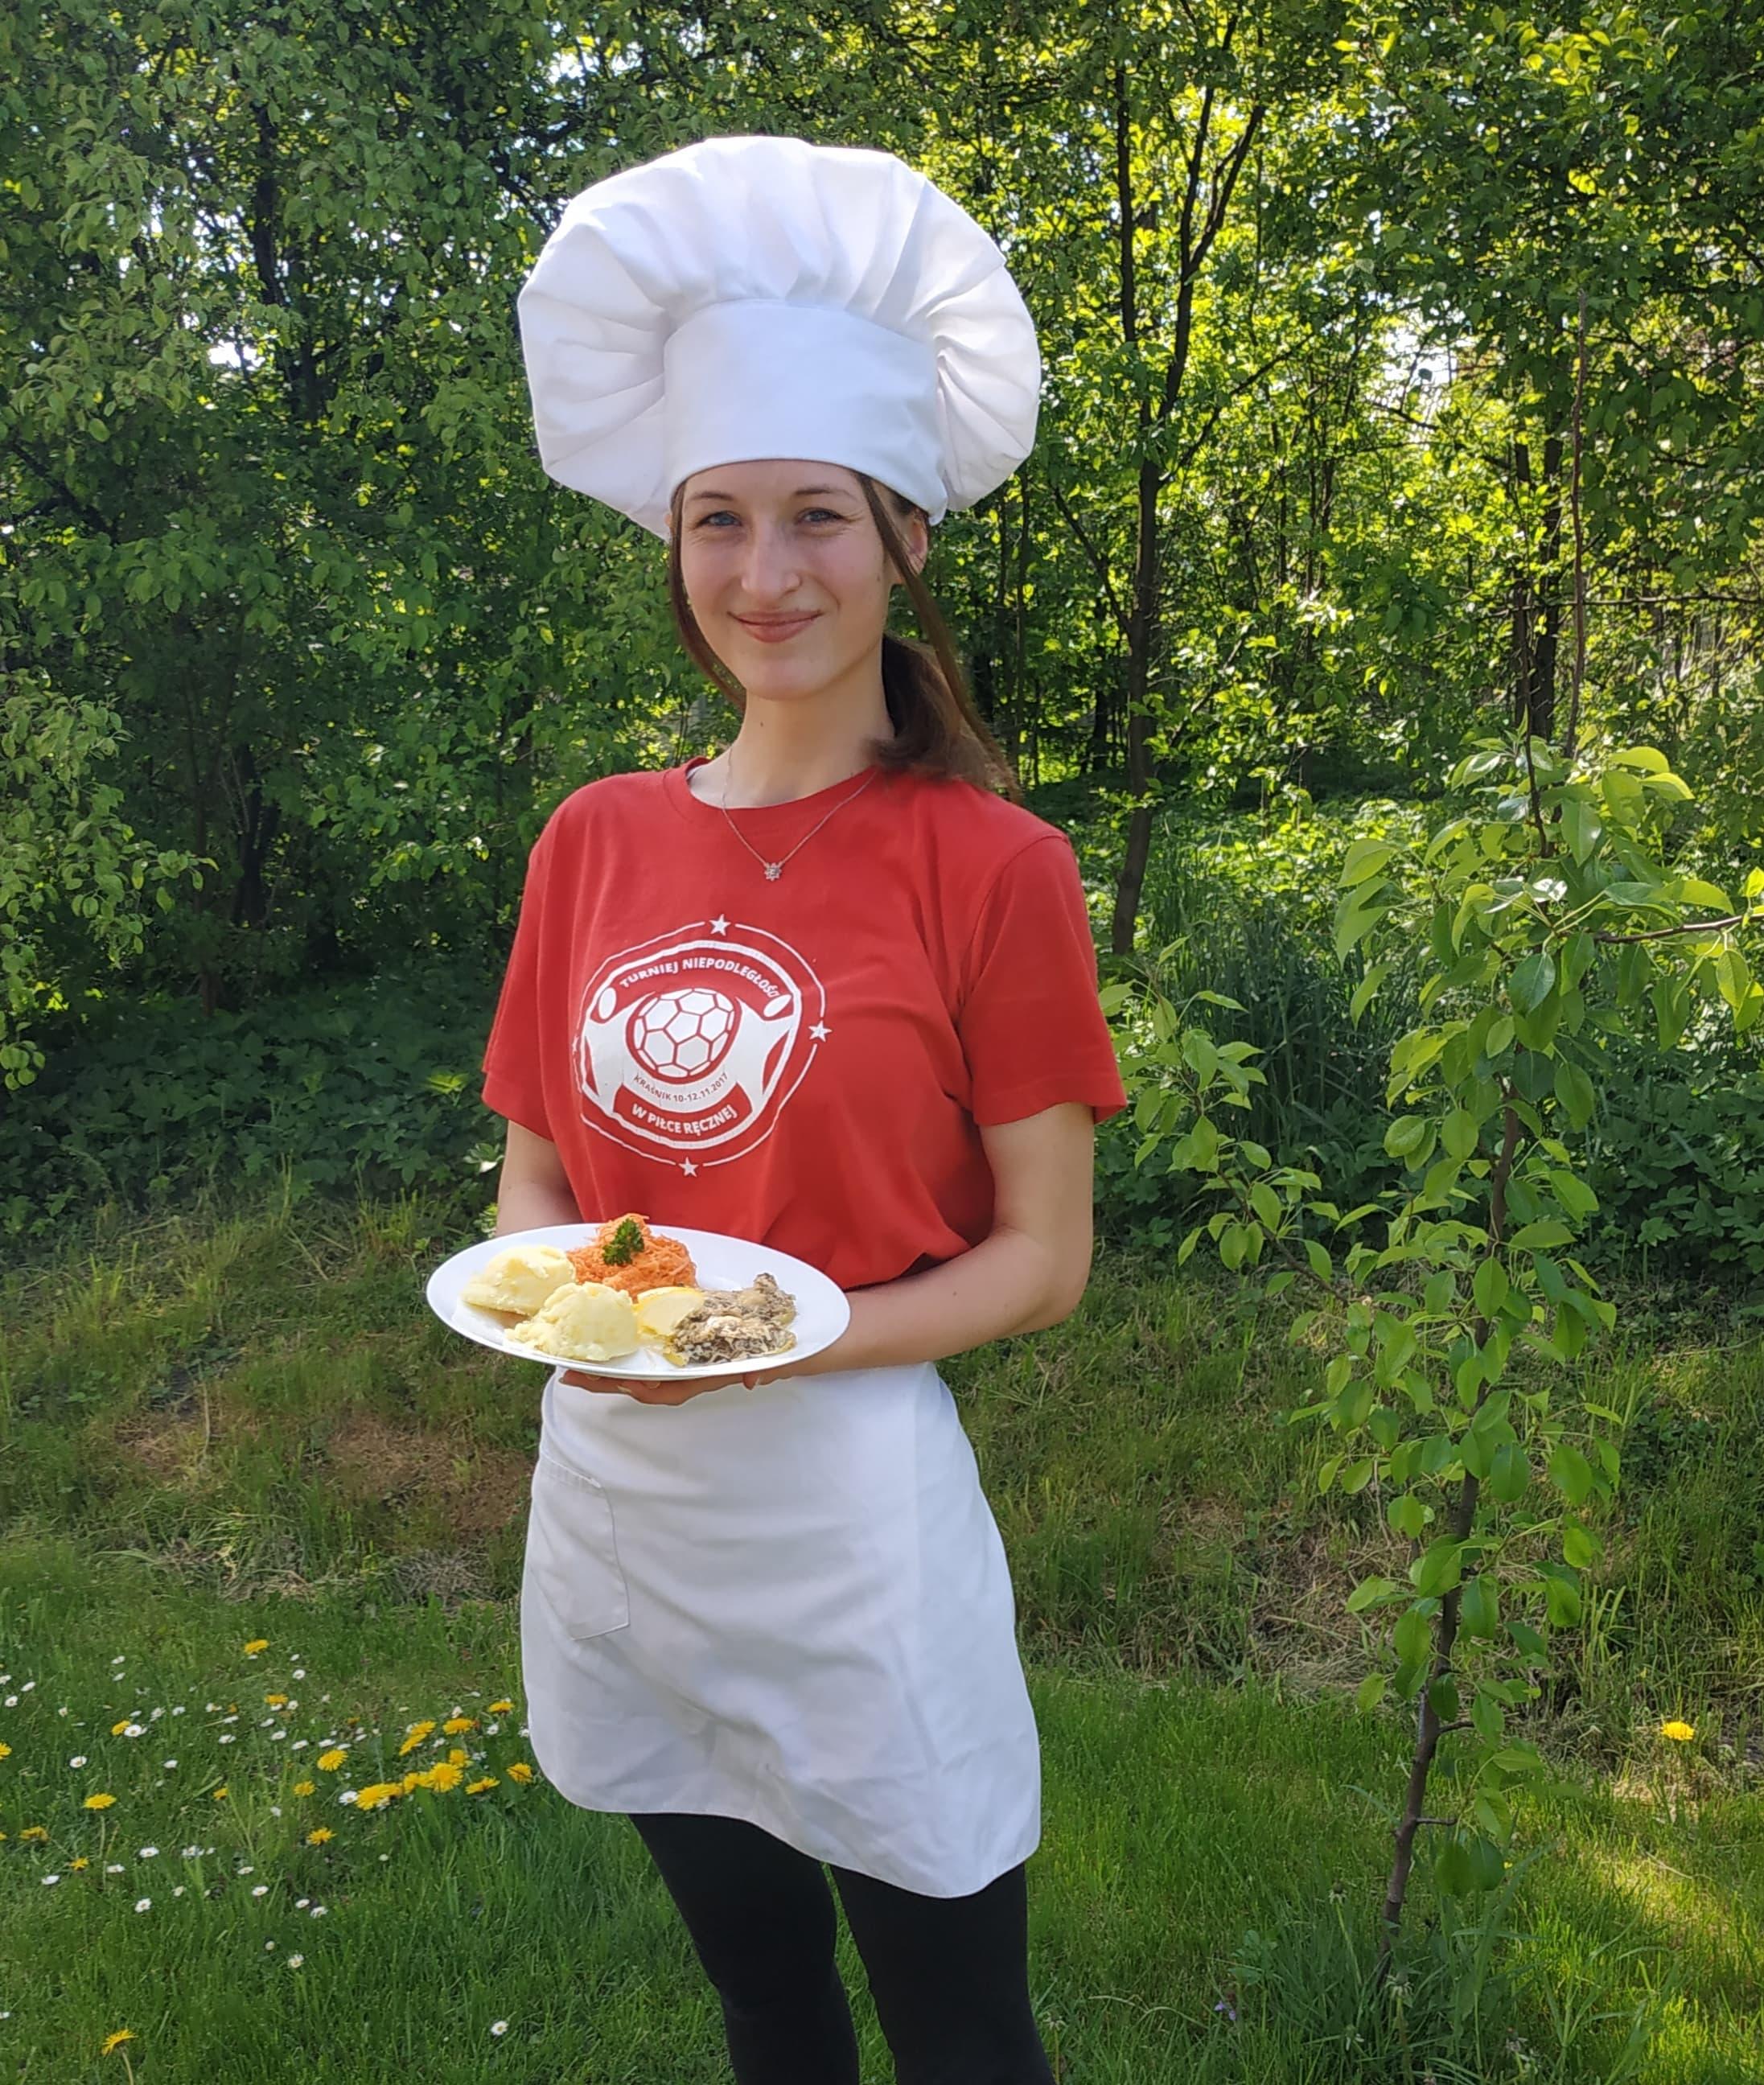 Kulinarna odsłona zdalnego nauczania [FOTO] - Zdjęcie główne